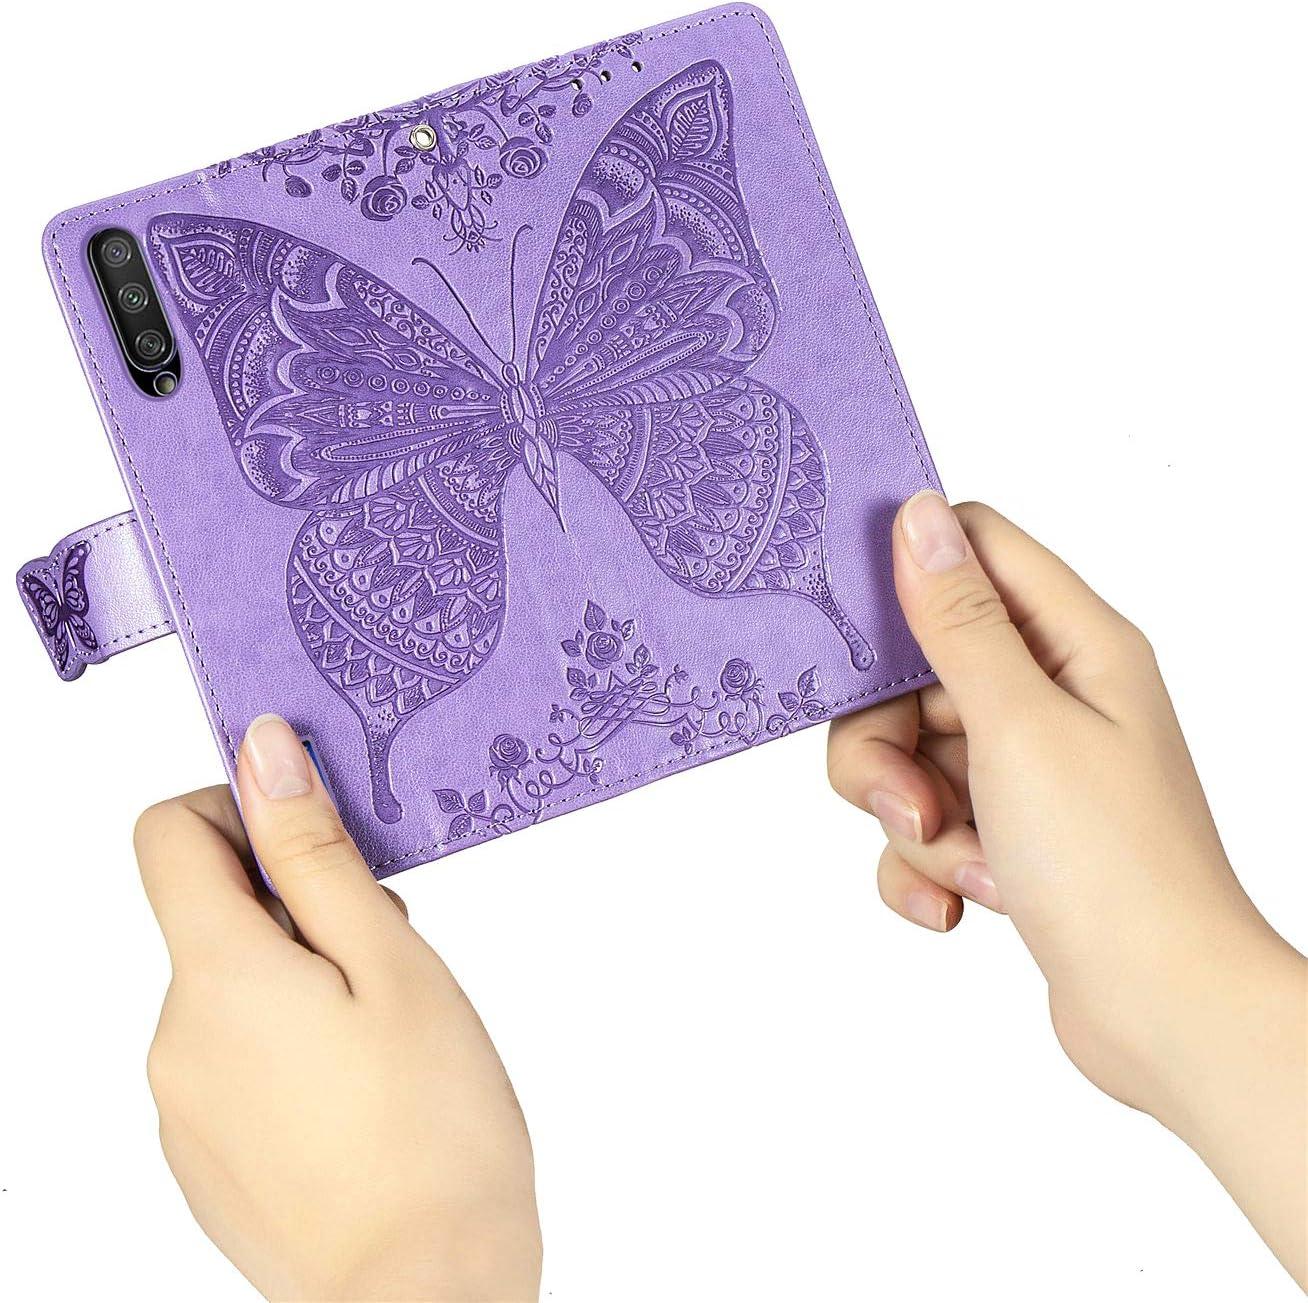 Lomogo Xiaomi Mi 9 Lite Schutzh/ülle Brieftasche mit Kartenfach Klappbar Magnetisch Sto/ßfest Handyh/ülle Case f/ür Xiaomi Mi 9 Lite CC9 H/ülle Leder LOSDA031028 Blau